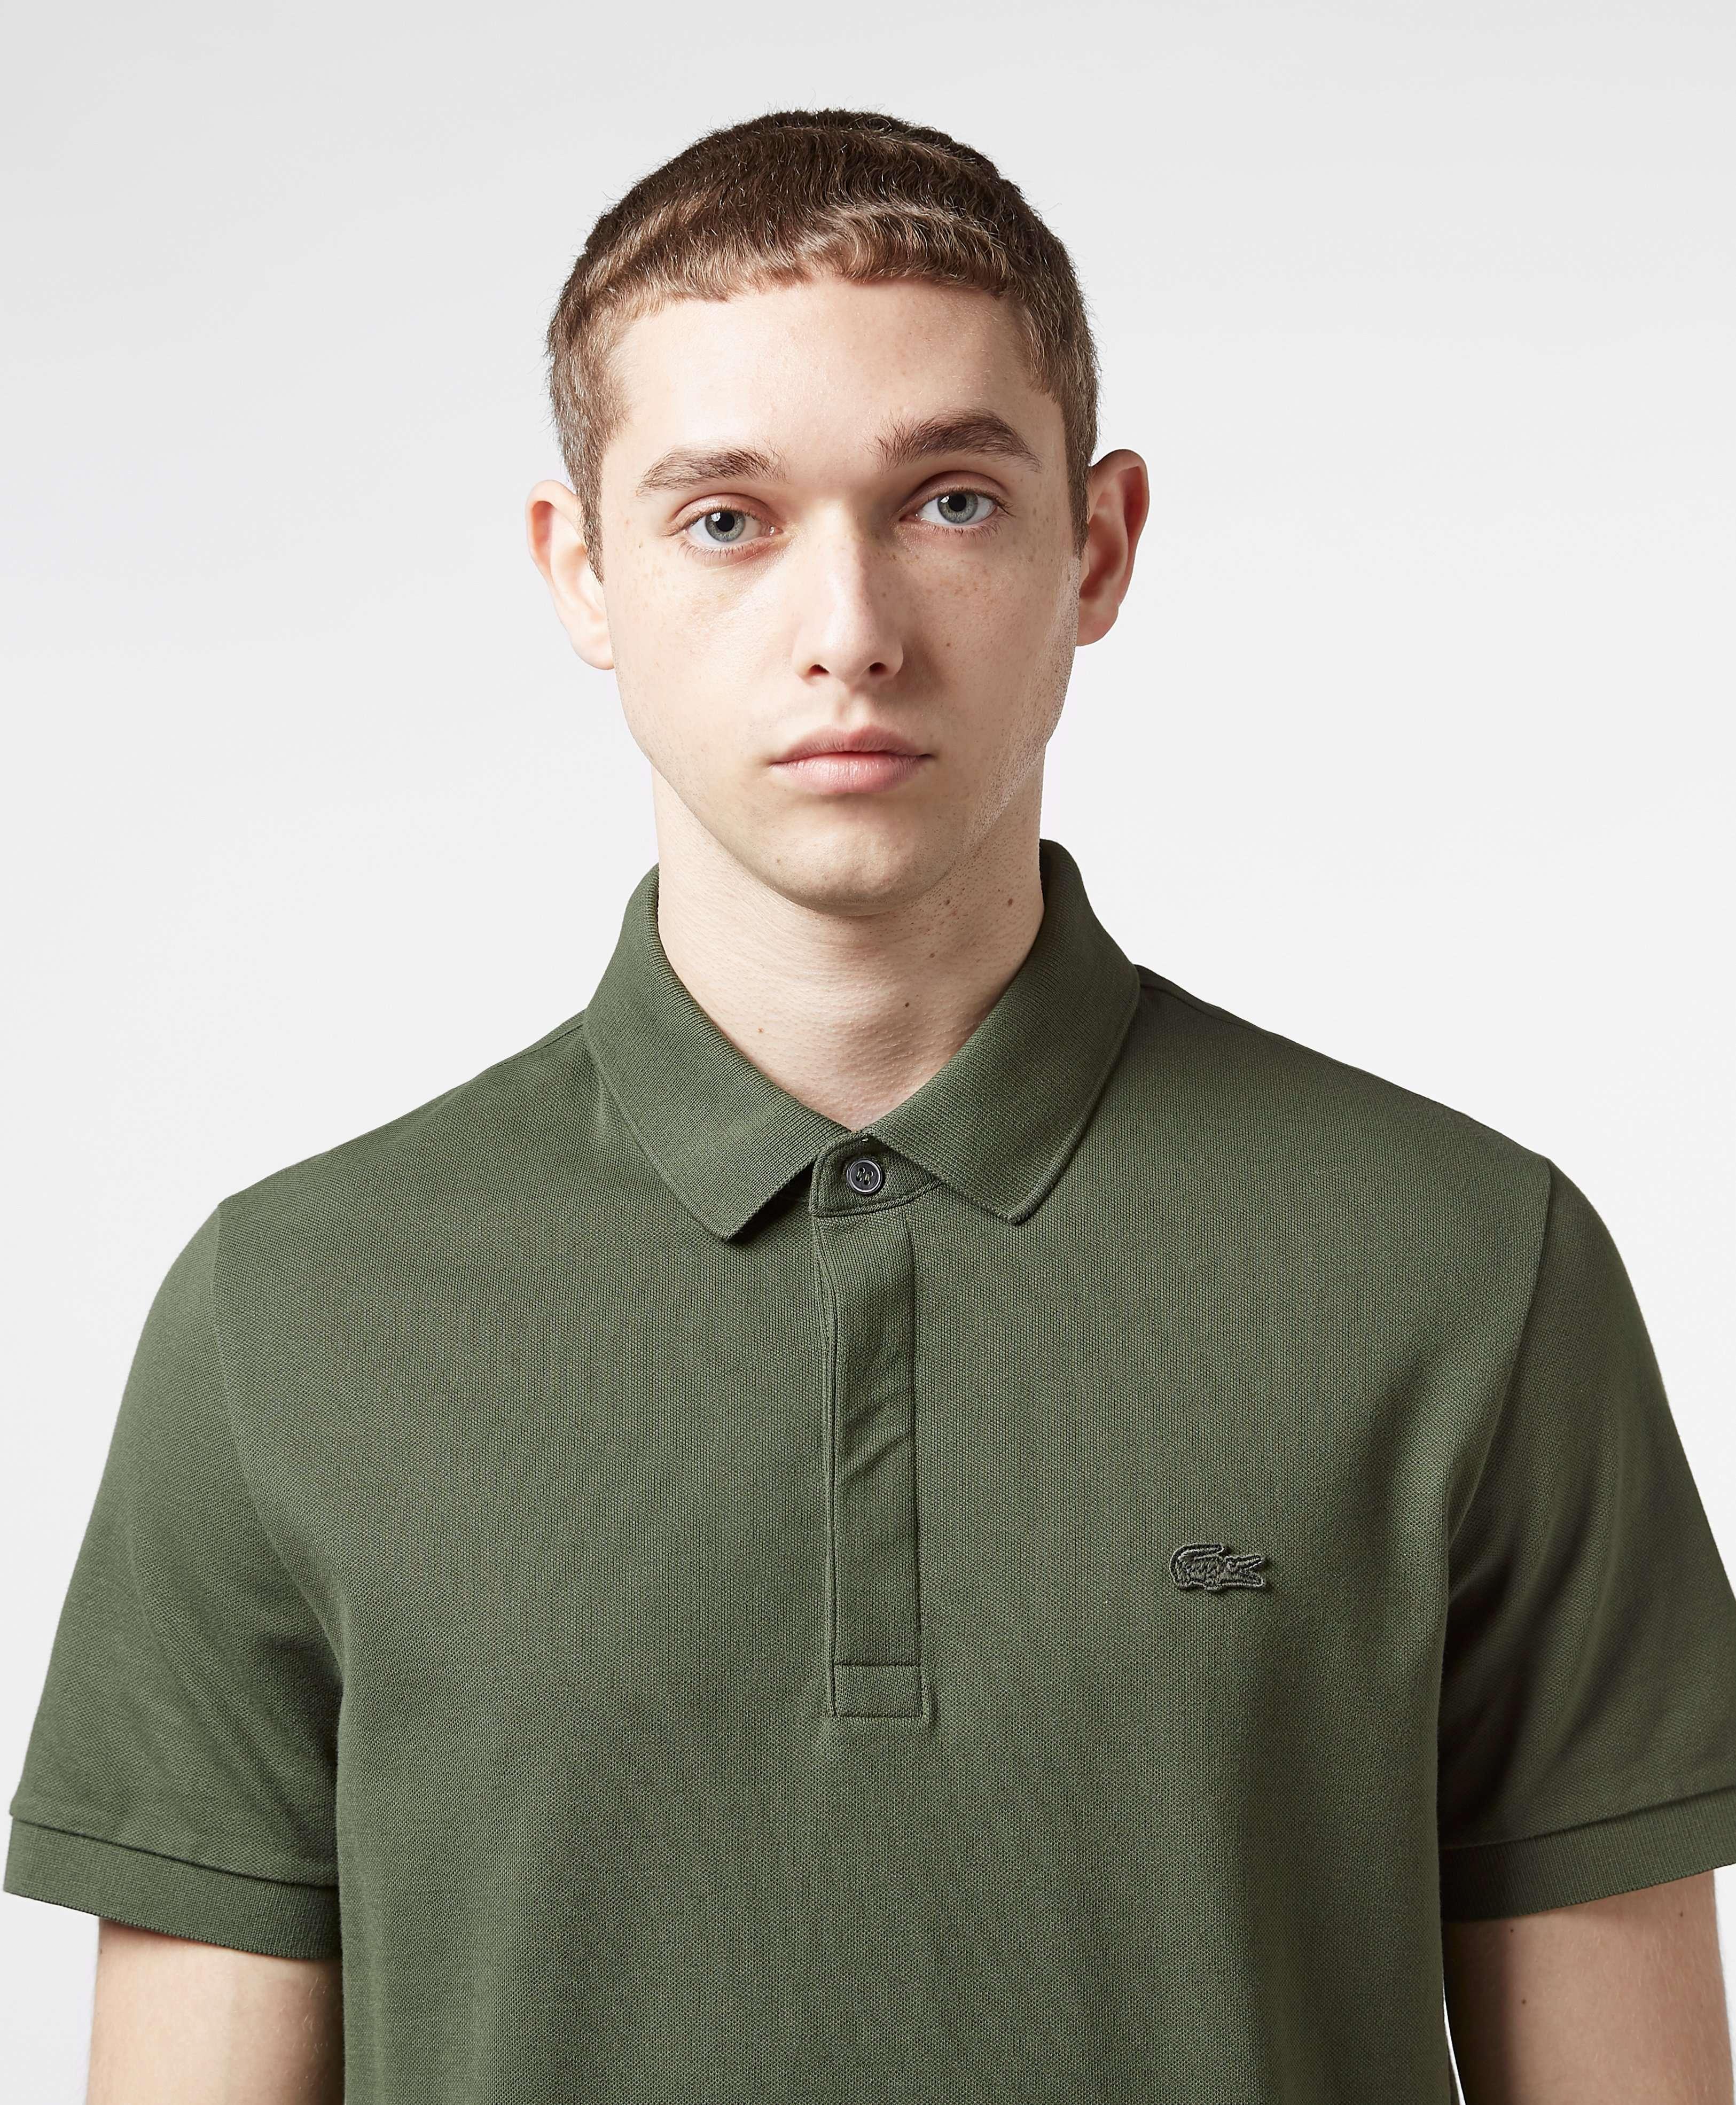 Lacoste Short Sleeve Paris Polo Shirt - Online Exclusive